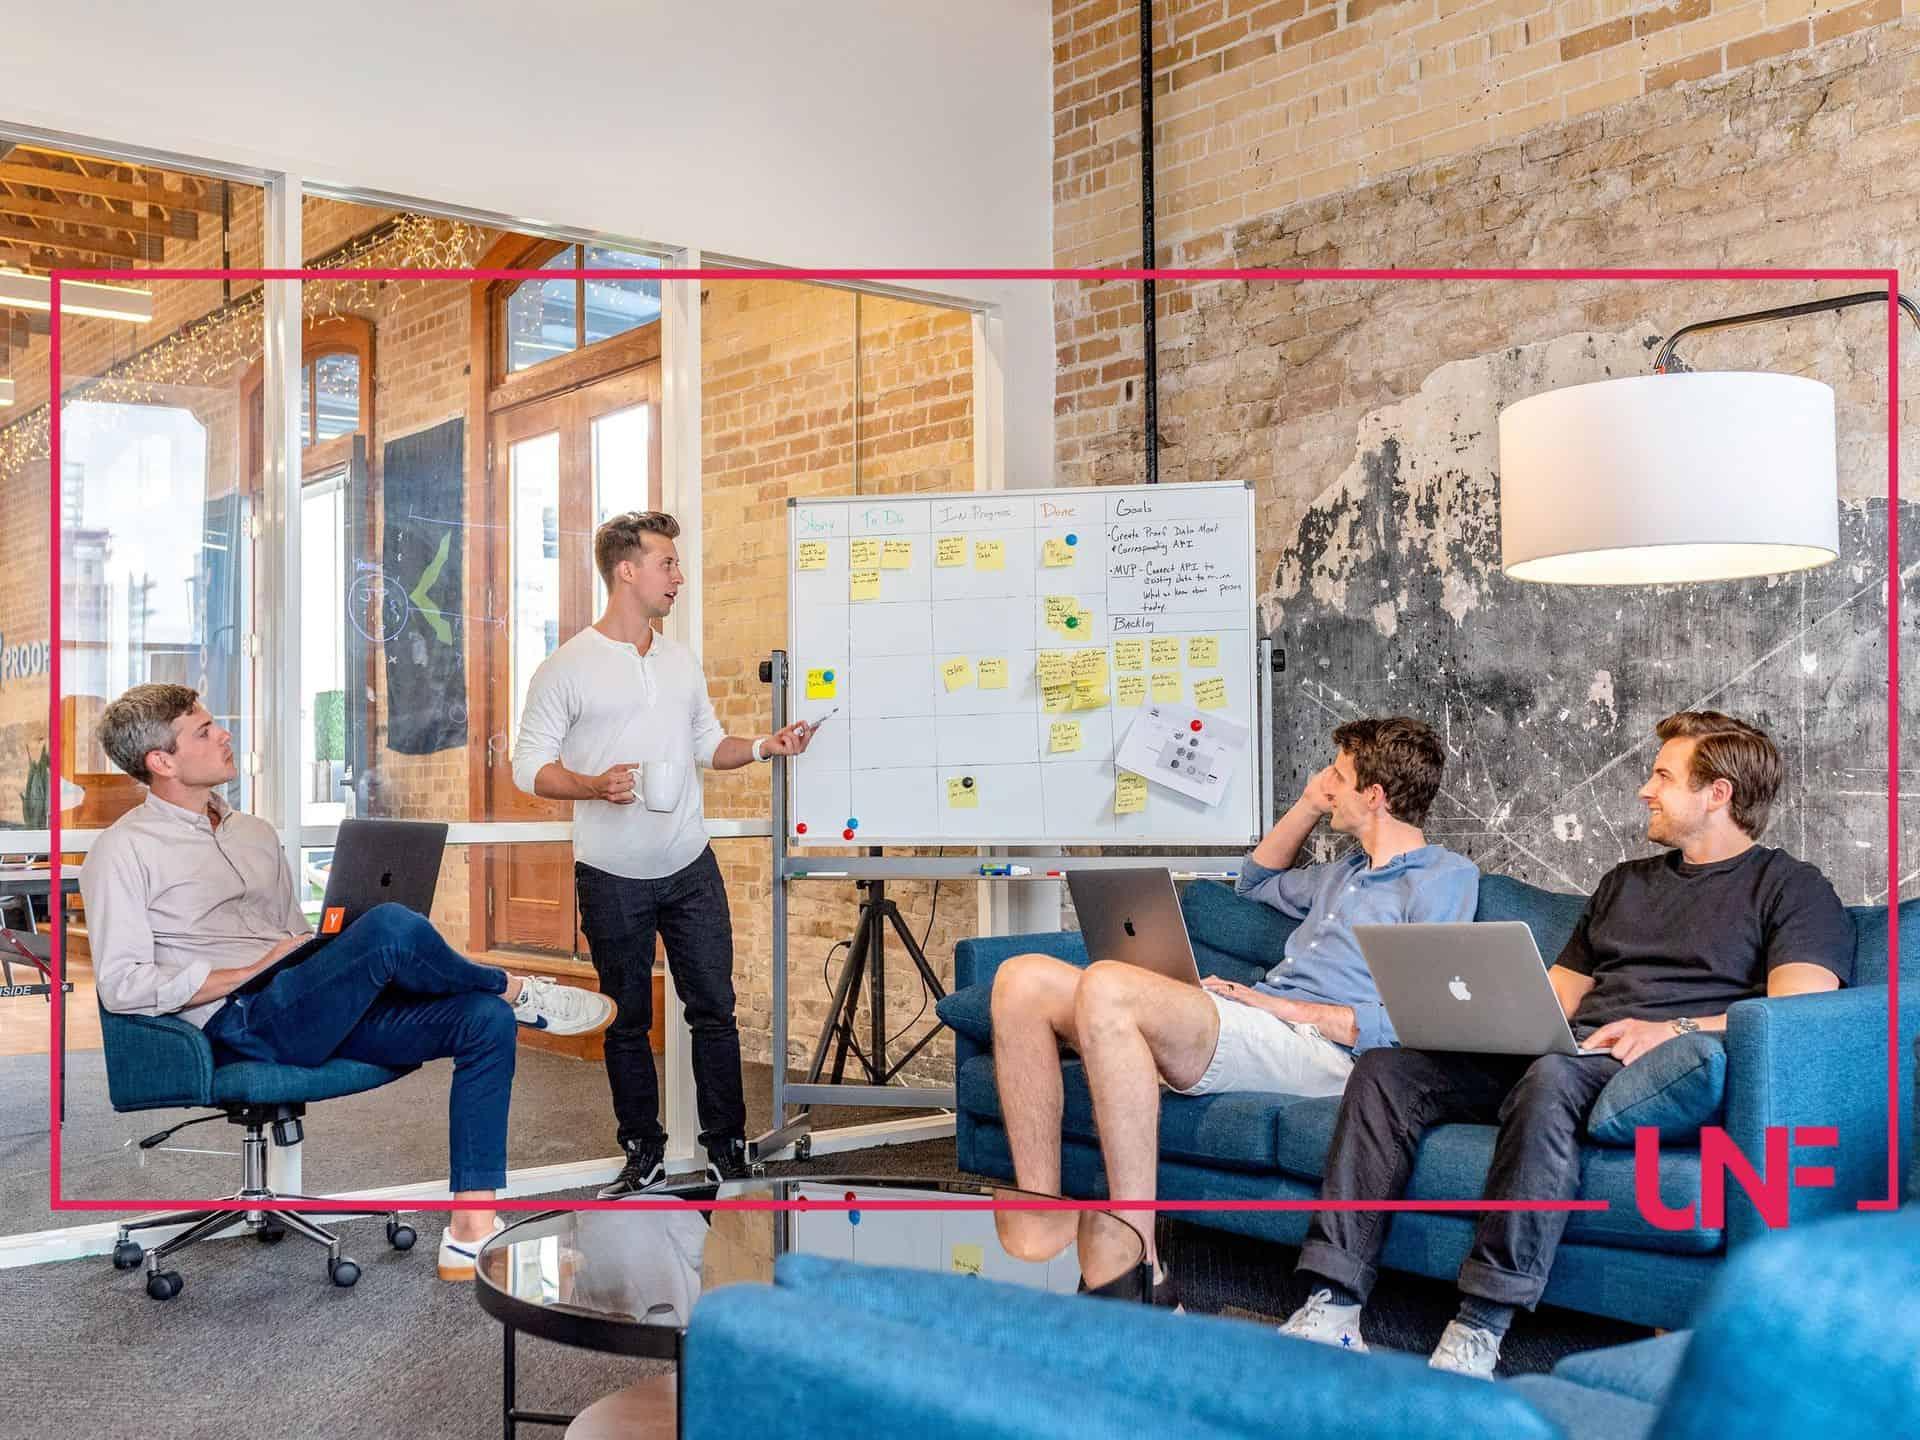 Colleghi di lavoro: come gestire la comunicazione interna aziendale